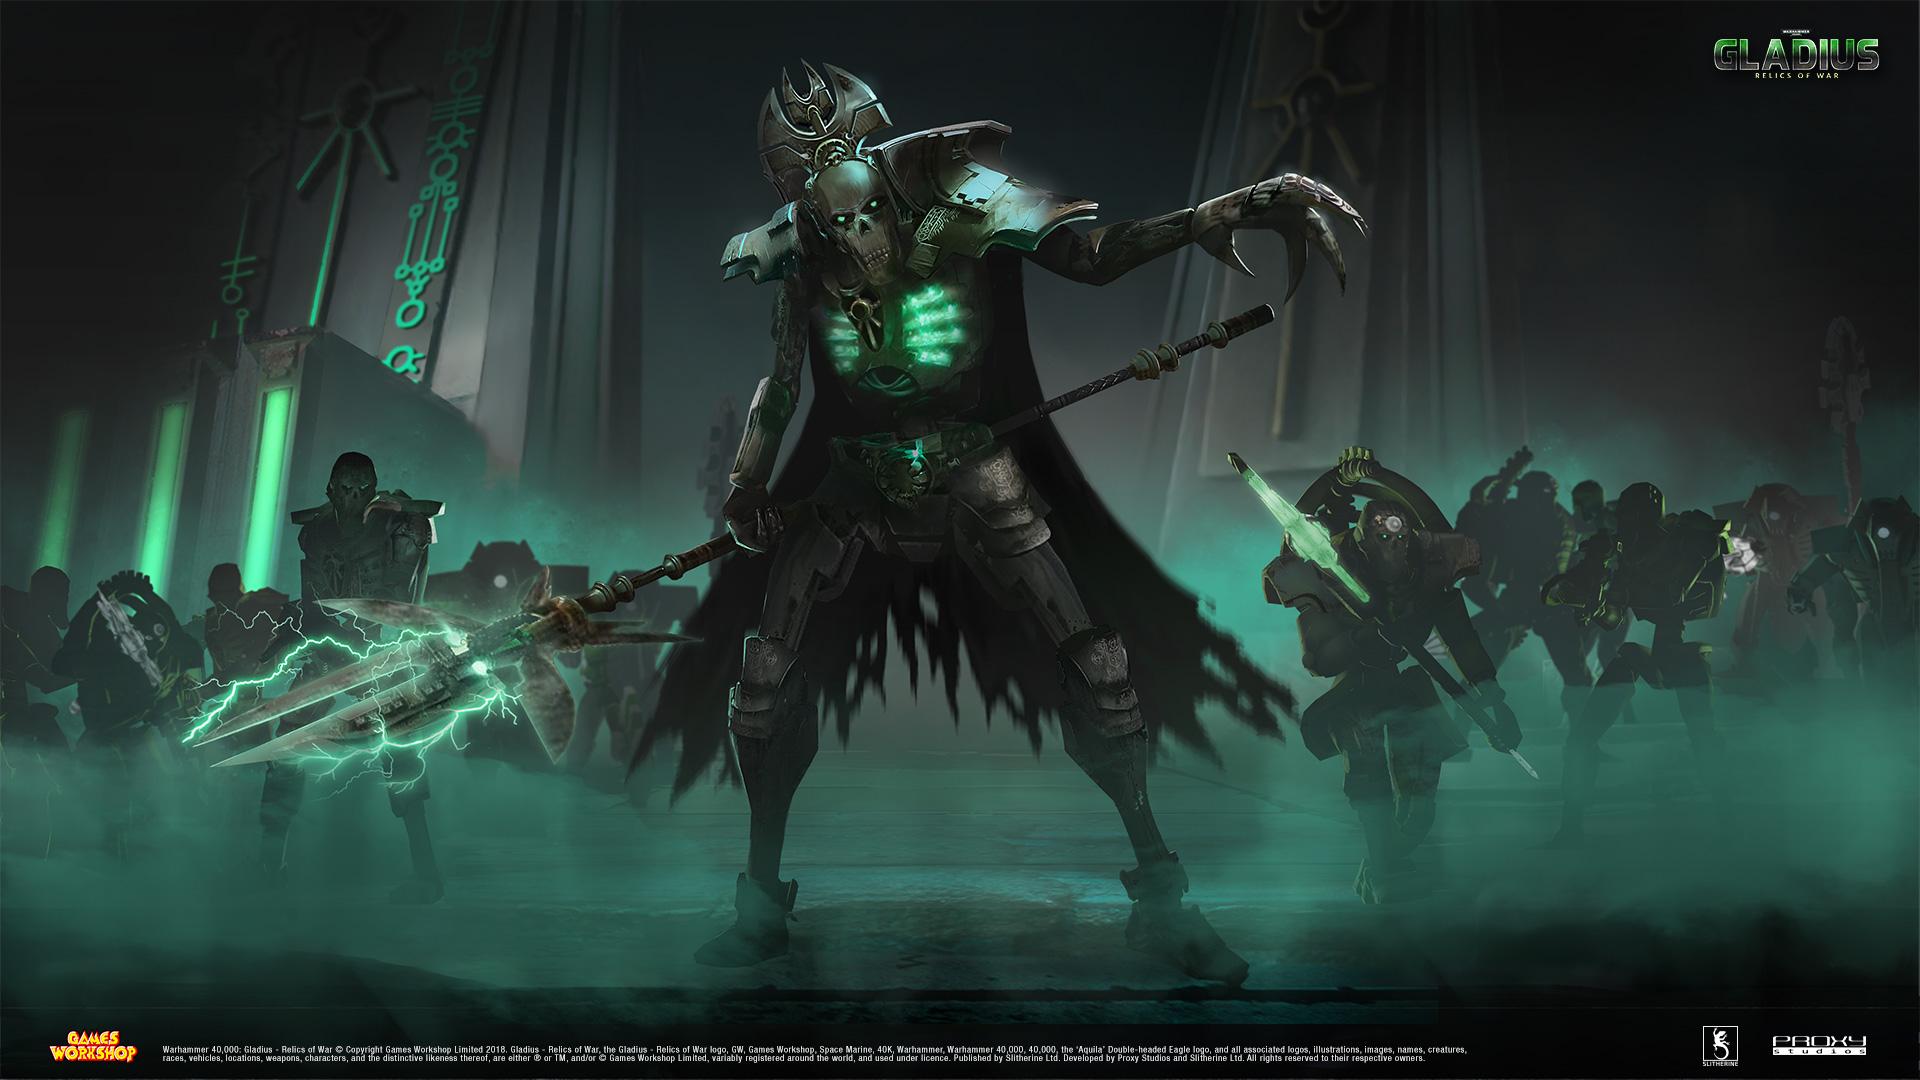 General 1920x1080 Warhammer 40,000 Gladius Necrons Games Workshop Warhammer